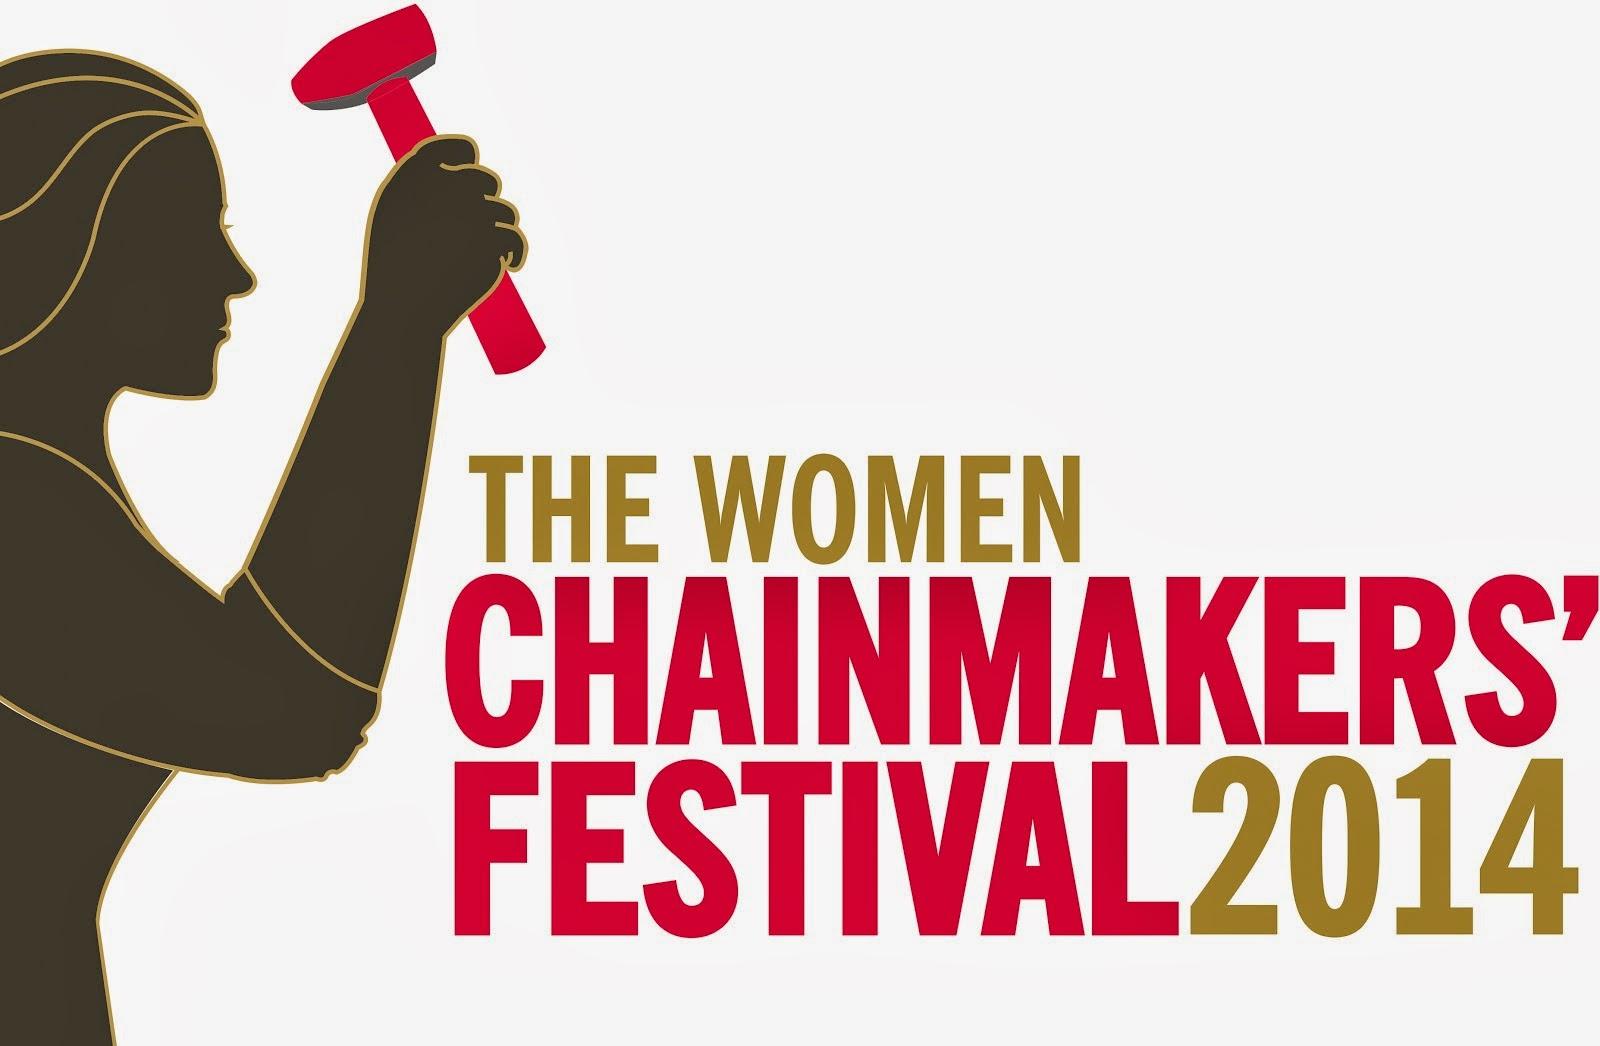 Festival logo 2014